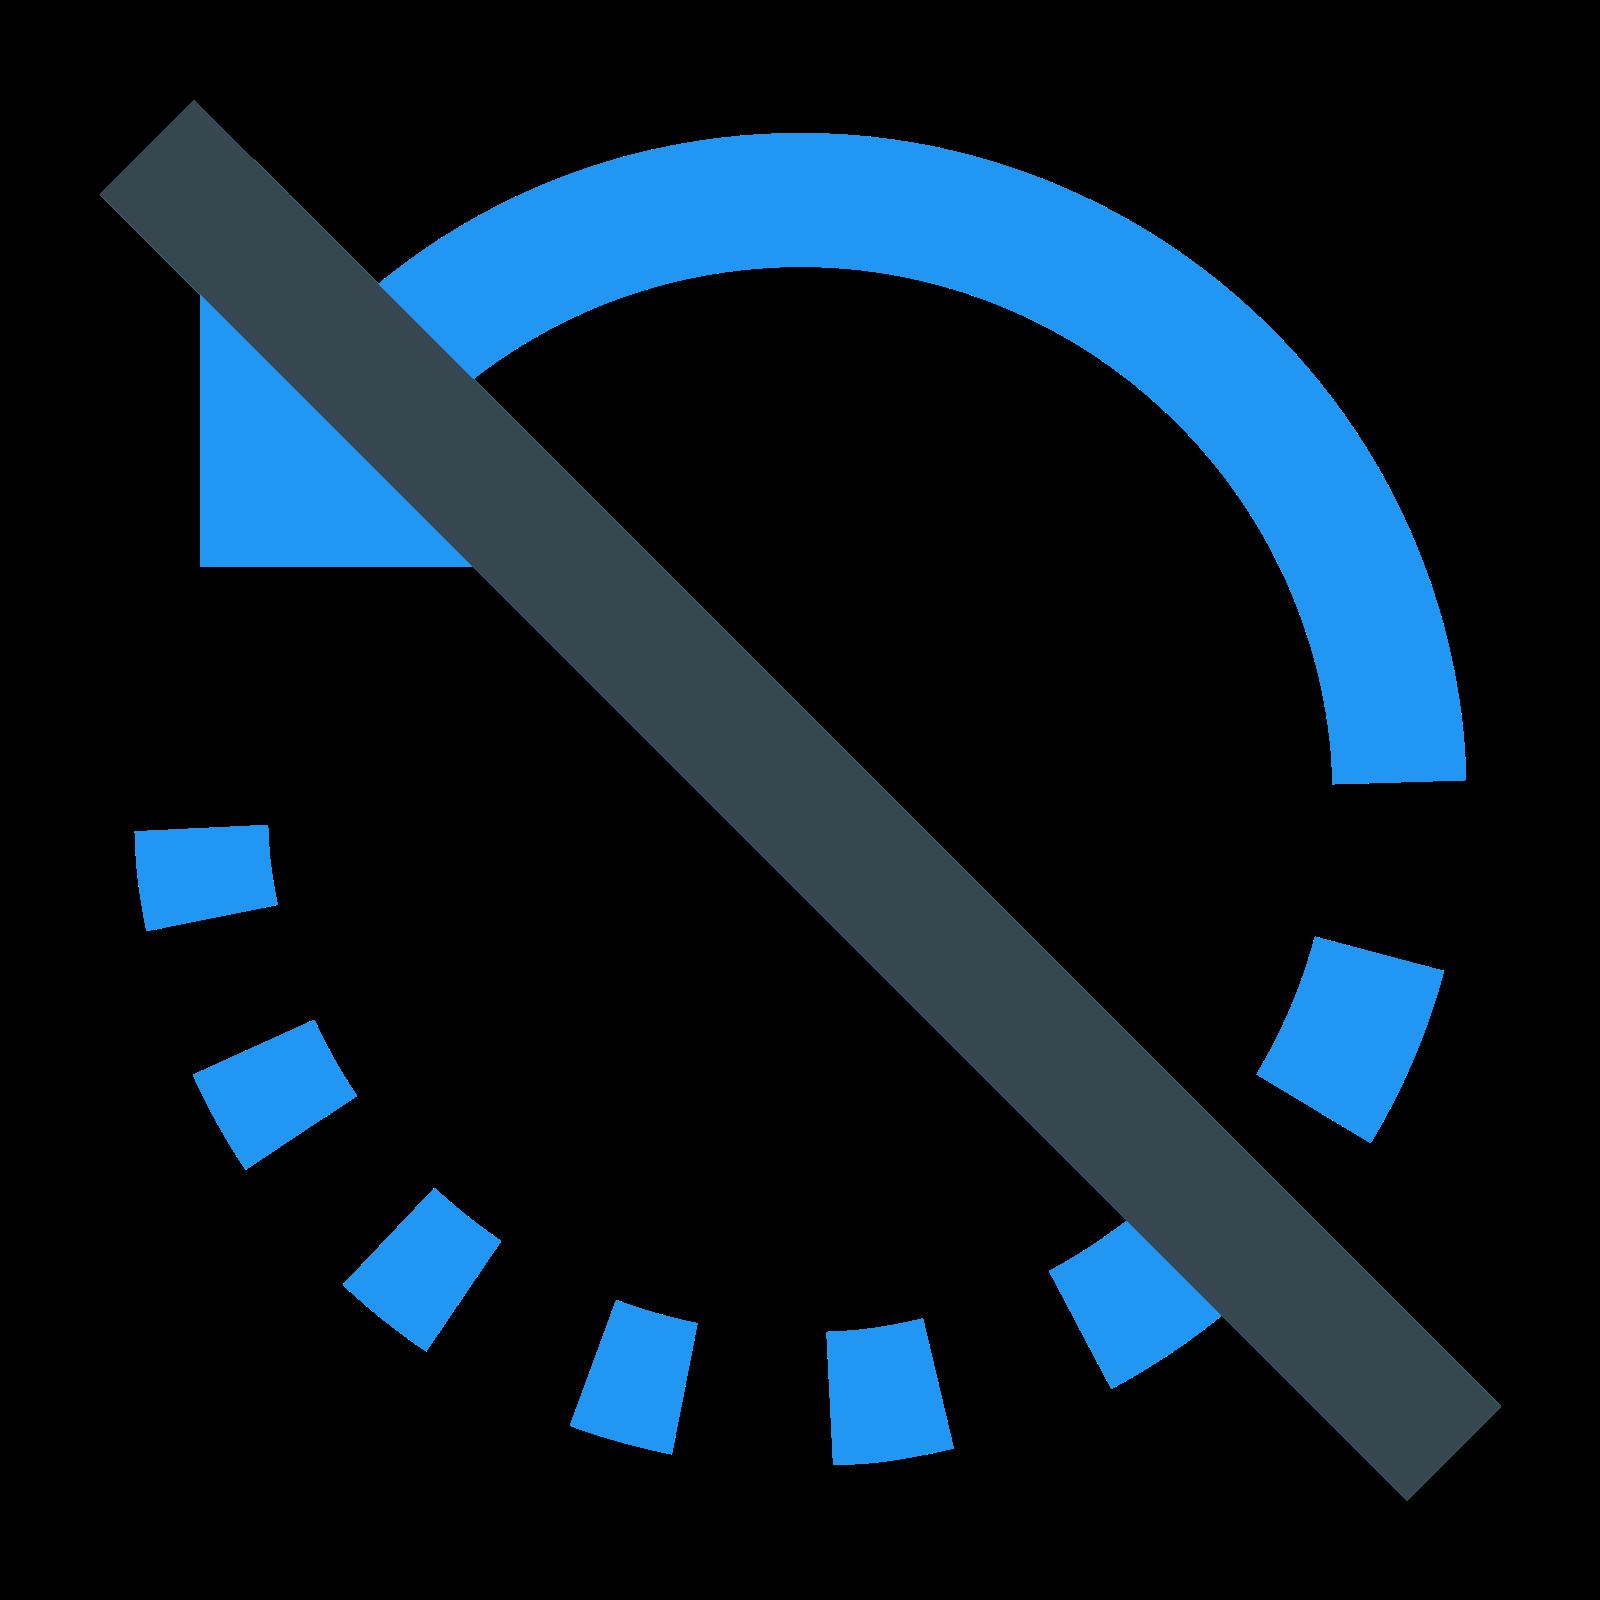 右回転1 1 icon